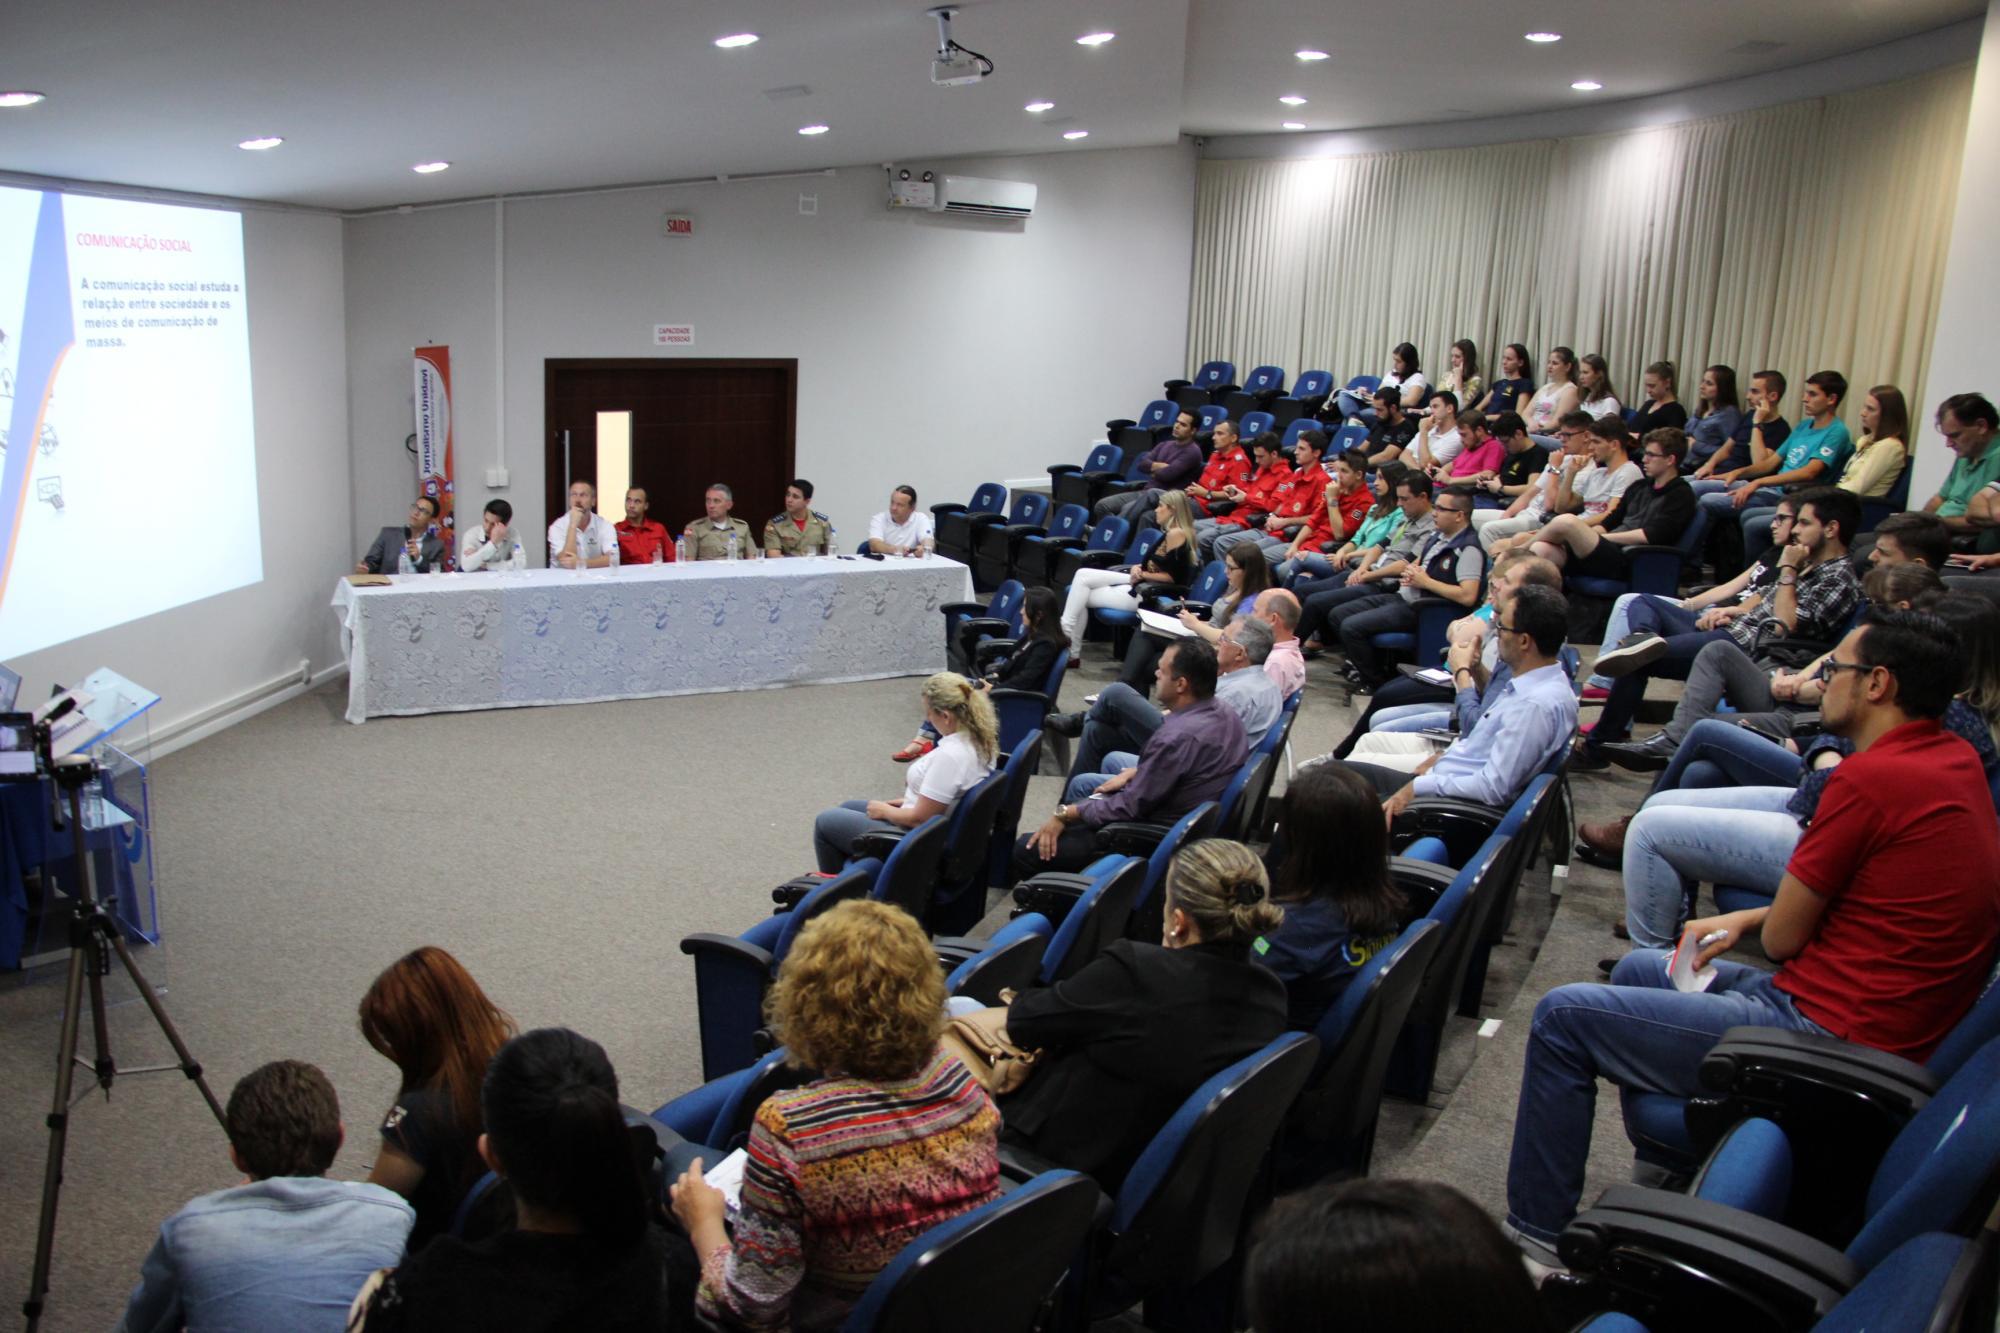 """Alunos de Jornalismo da Unidavi promovem debate com o tema """"O Poder da Informação em Desastres Naturais"""""""